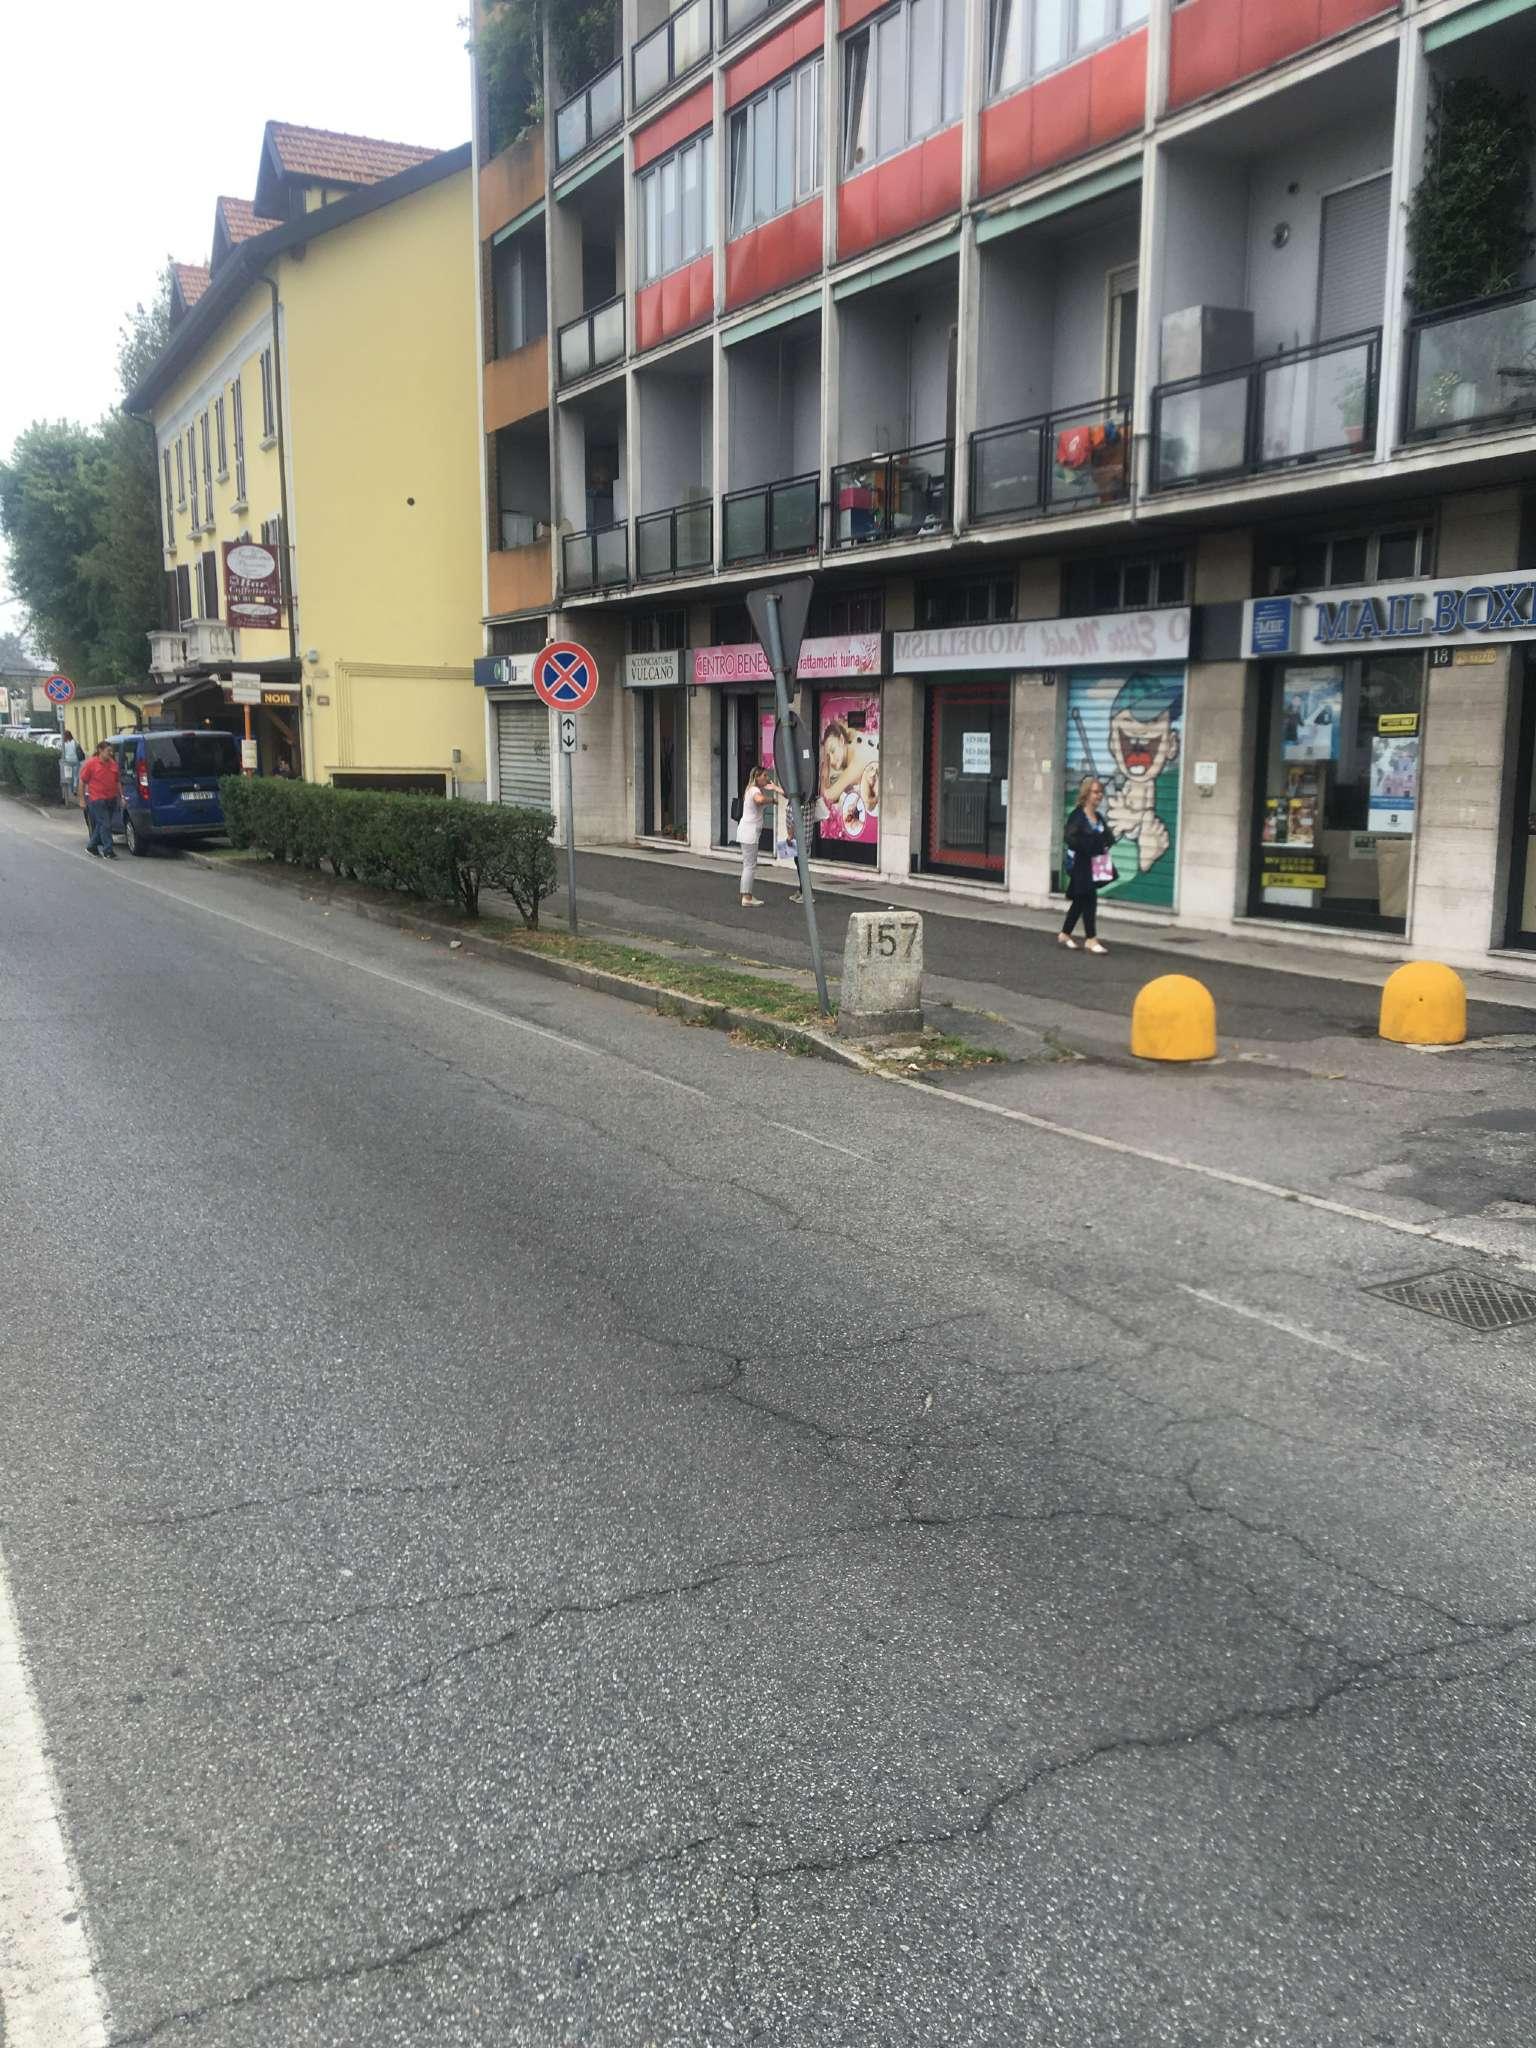 Negozio / Locale in vendita a Cernusco sul Naviglio, 2 locali, prezzo € 158.000 | PortaleAgenzieImmobiliari.it